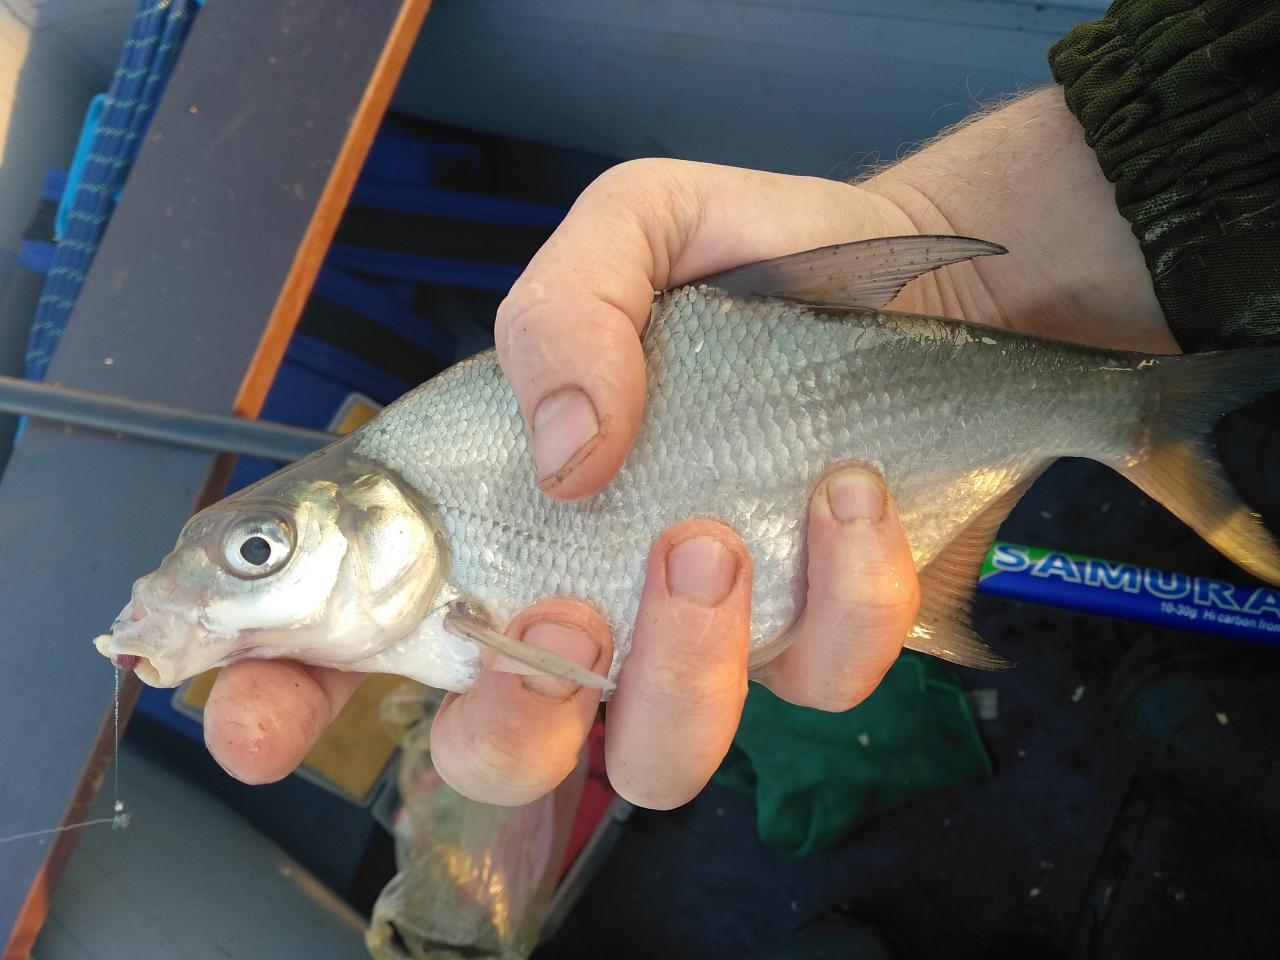 Закрывал сегодня сезон махом с лодки в районе ... | Отчеты о рыбалке в Беларуси